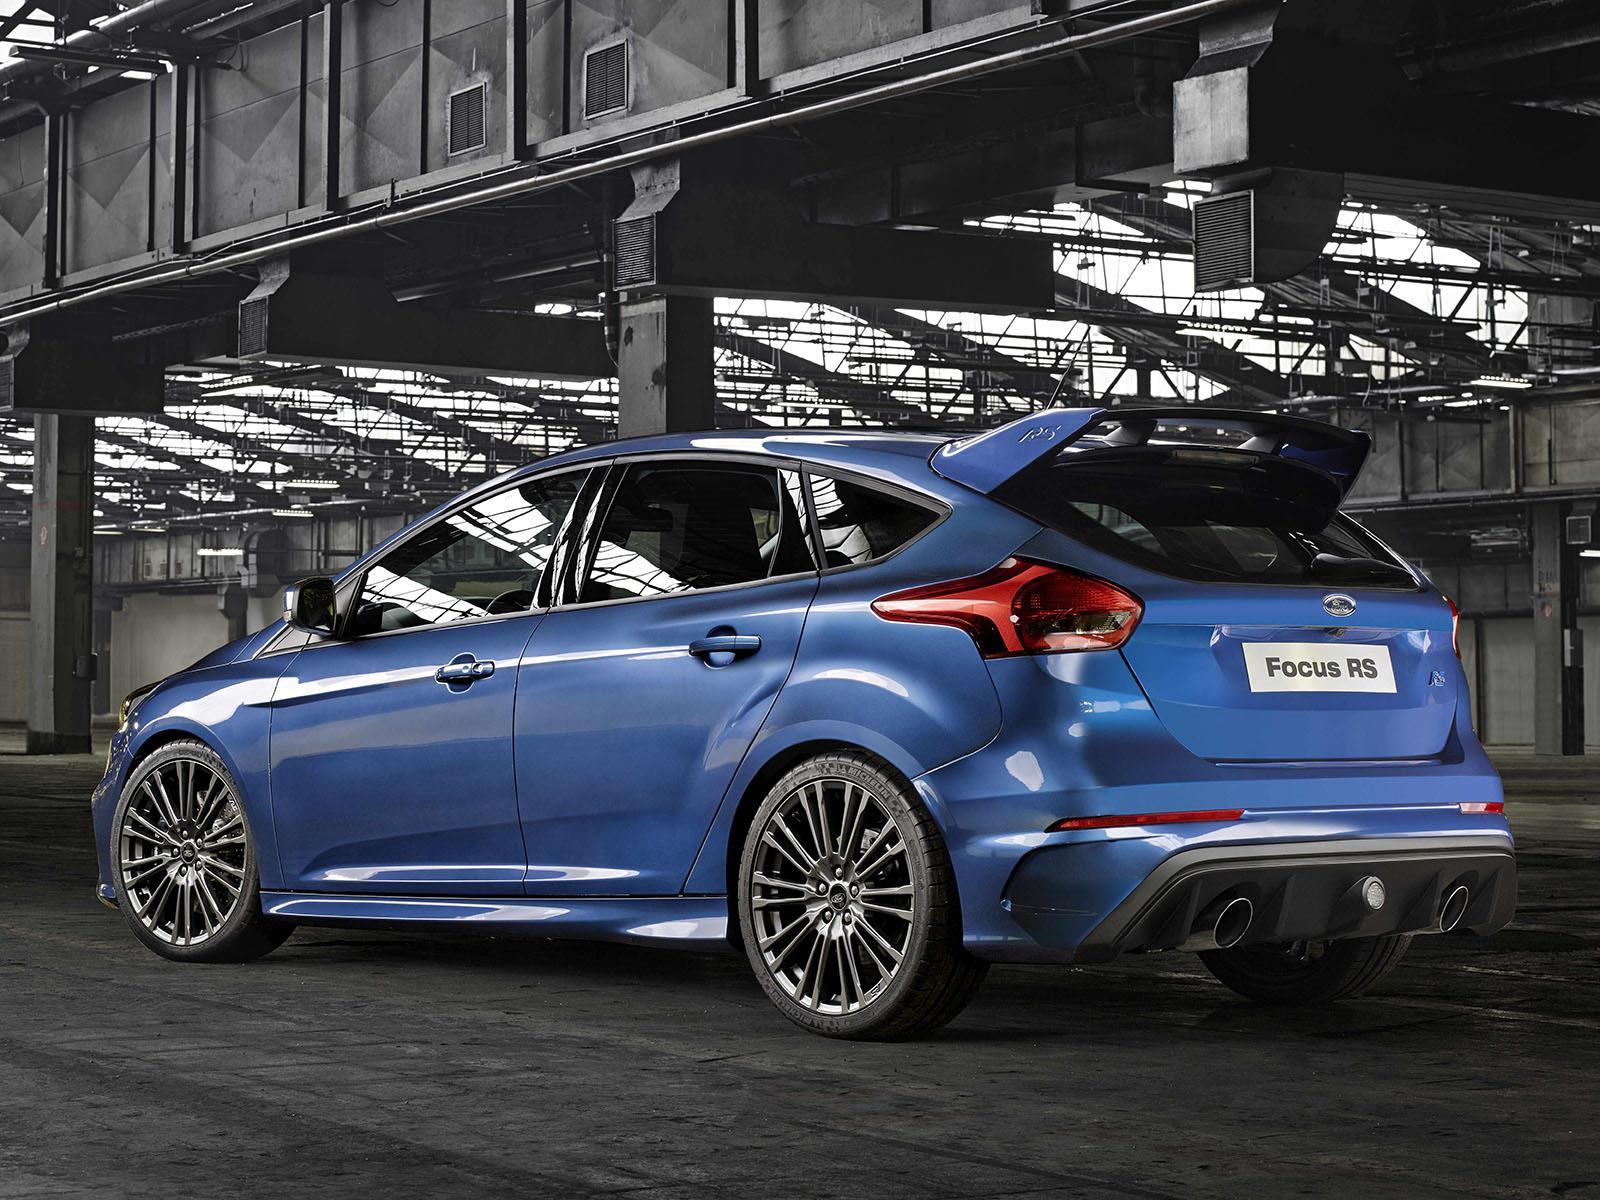 Ford Focus RS 2016 llega con más de 300 hp - Autocosmos.com